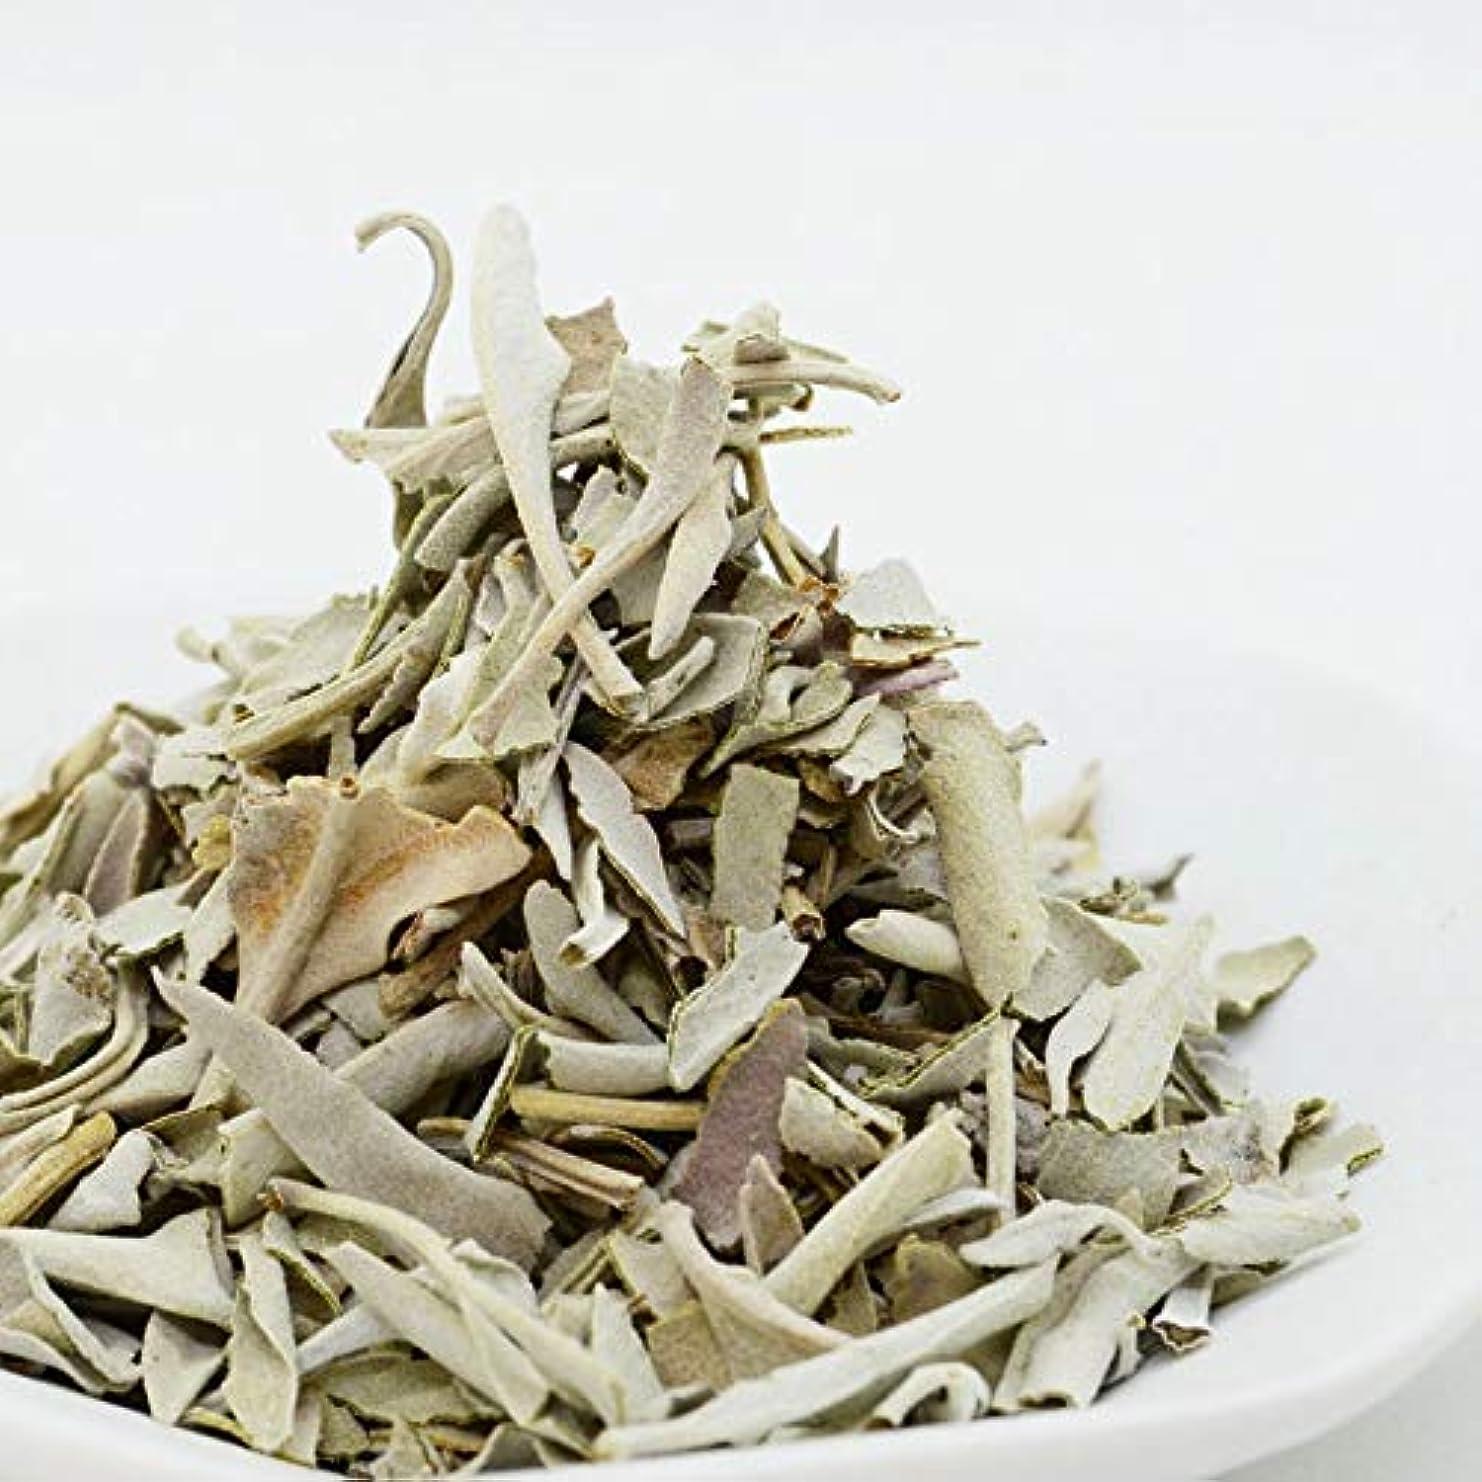 独立して前蒸高品質 無農薬 ホワイトセージ クラッシュ 10gカリフォルニア産 浄化用 お香に